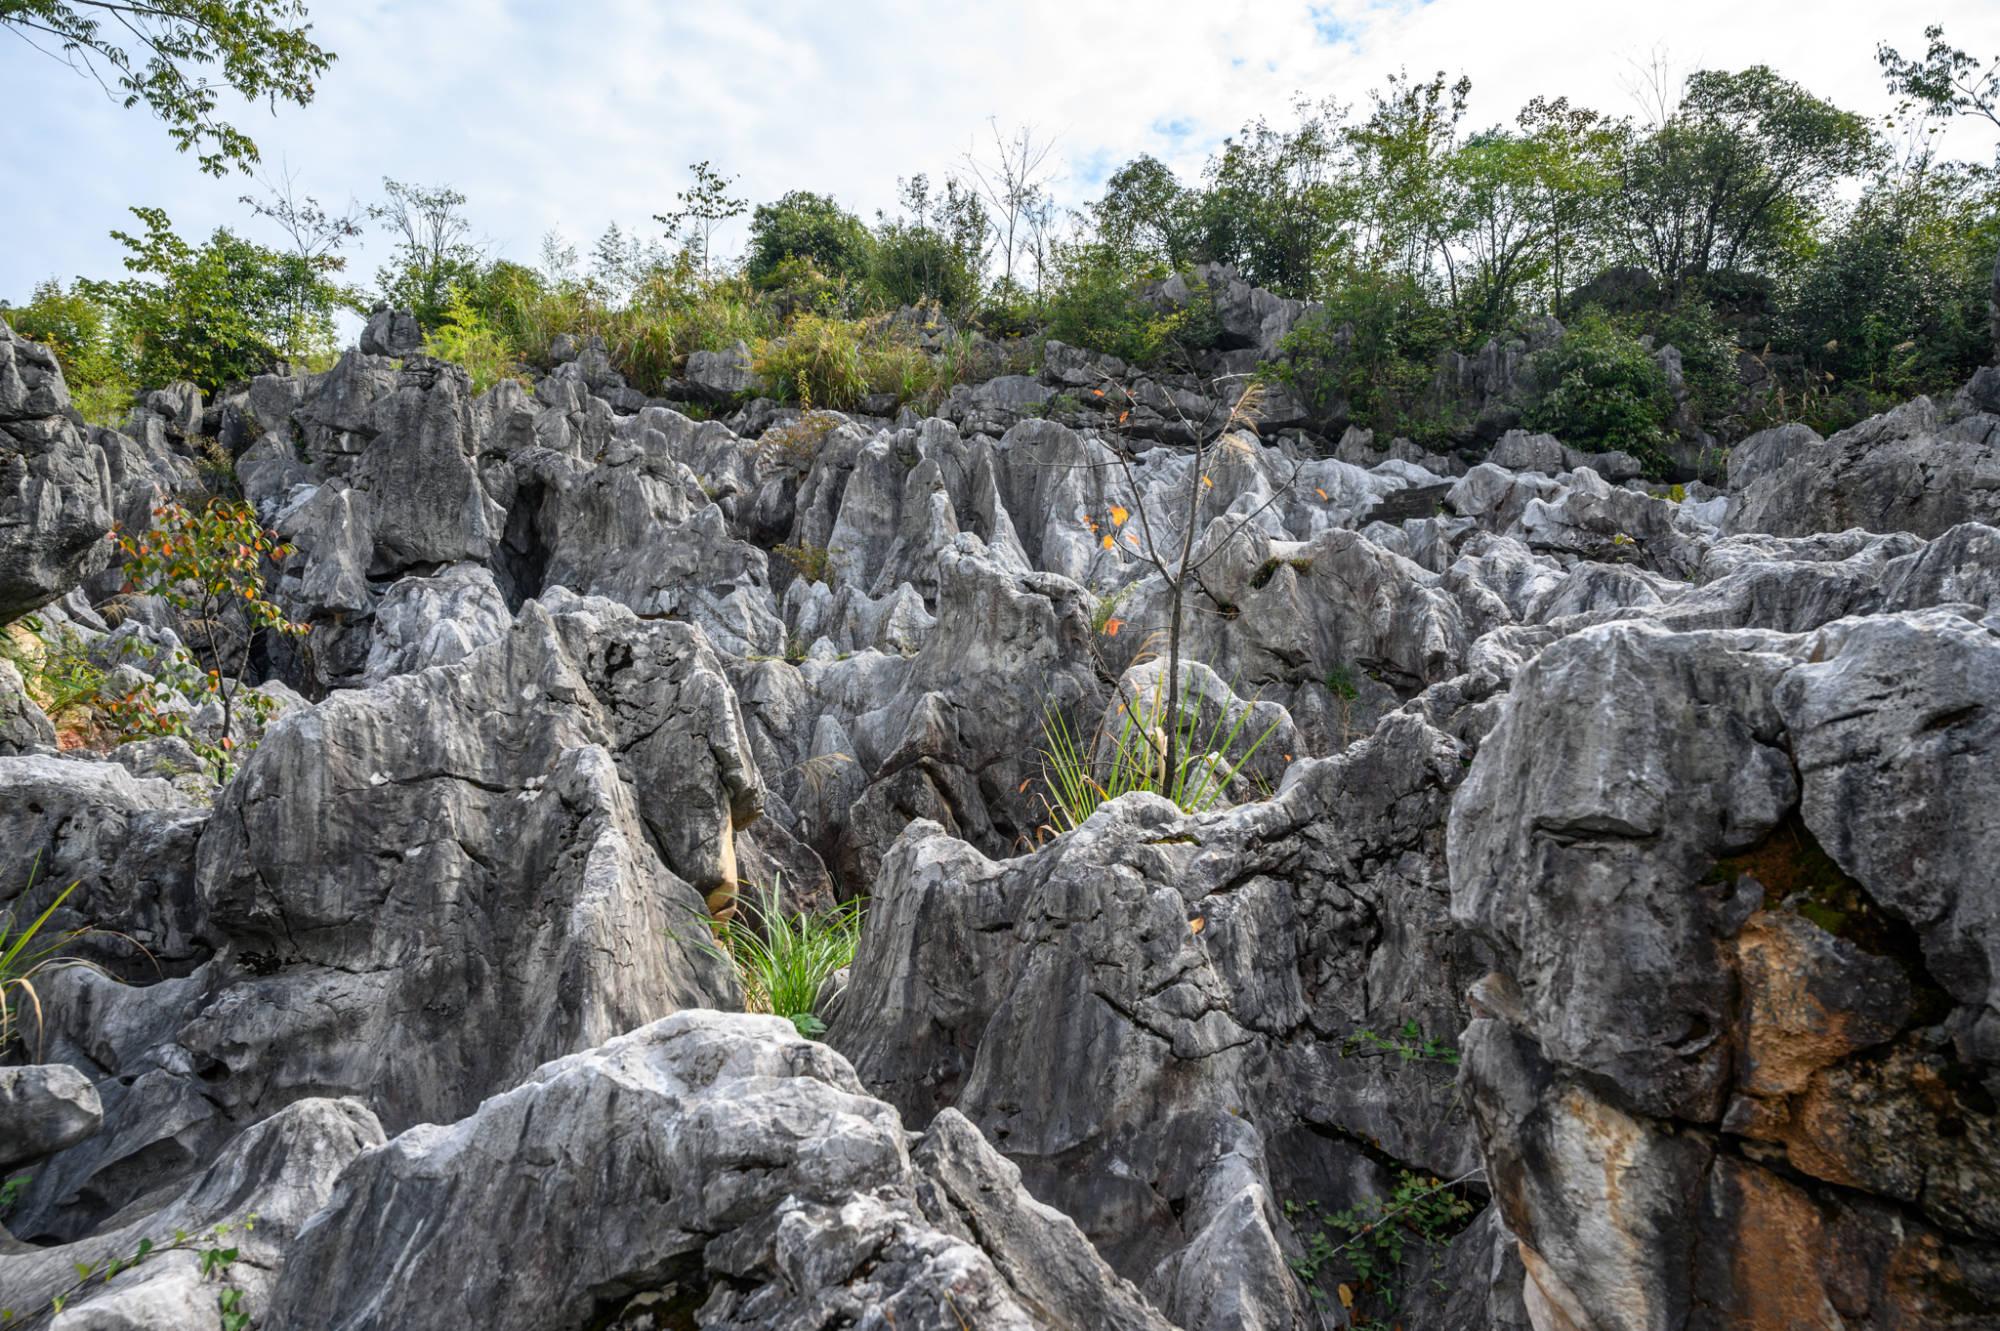 杭州千岛湖不仅有秀水,还有一片奇特的石林,景色可媲美云南石林